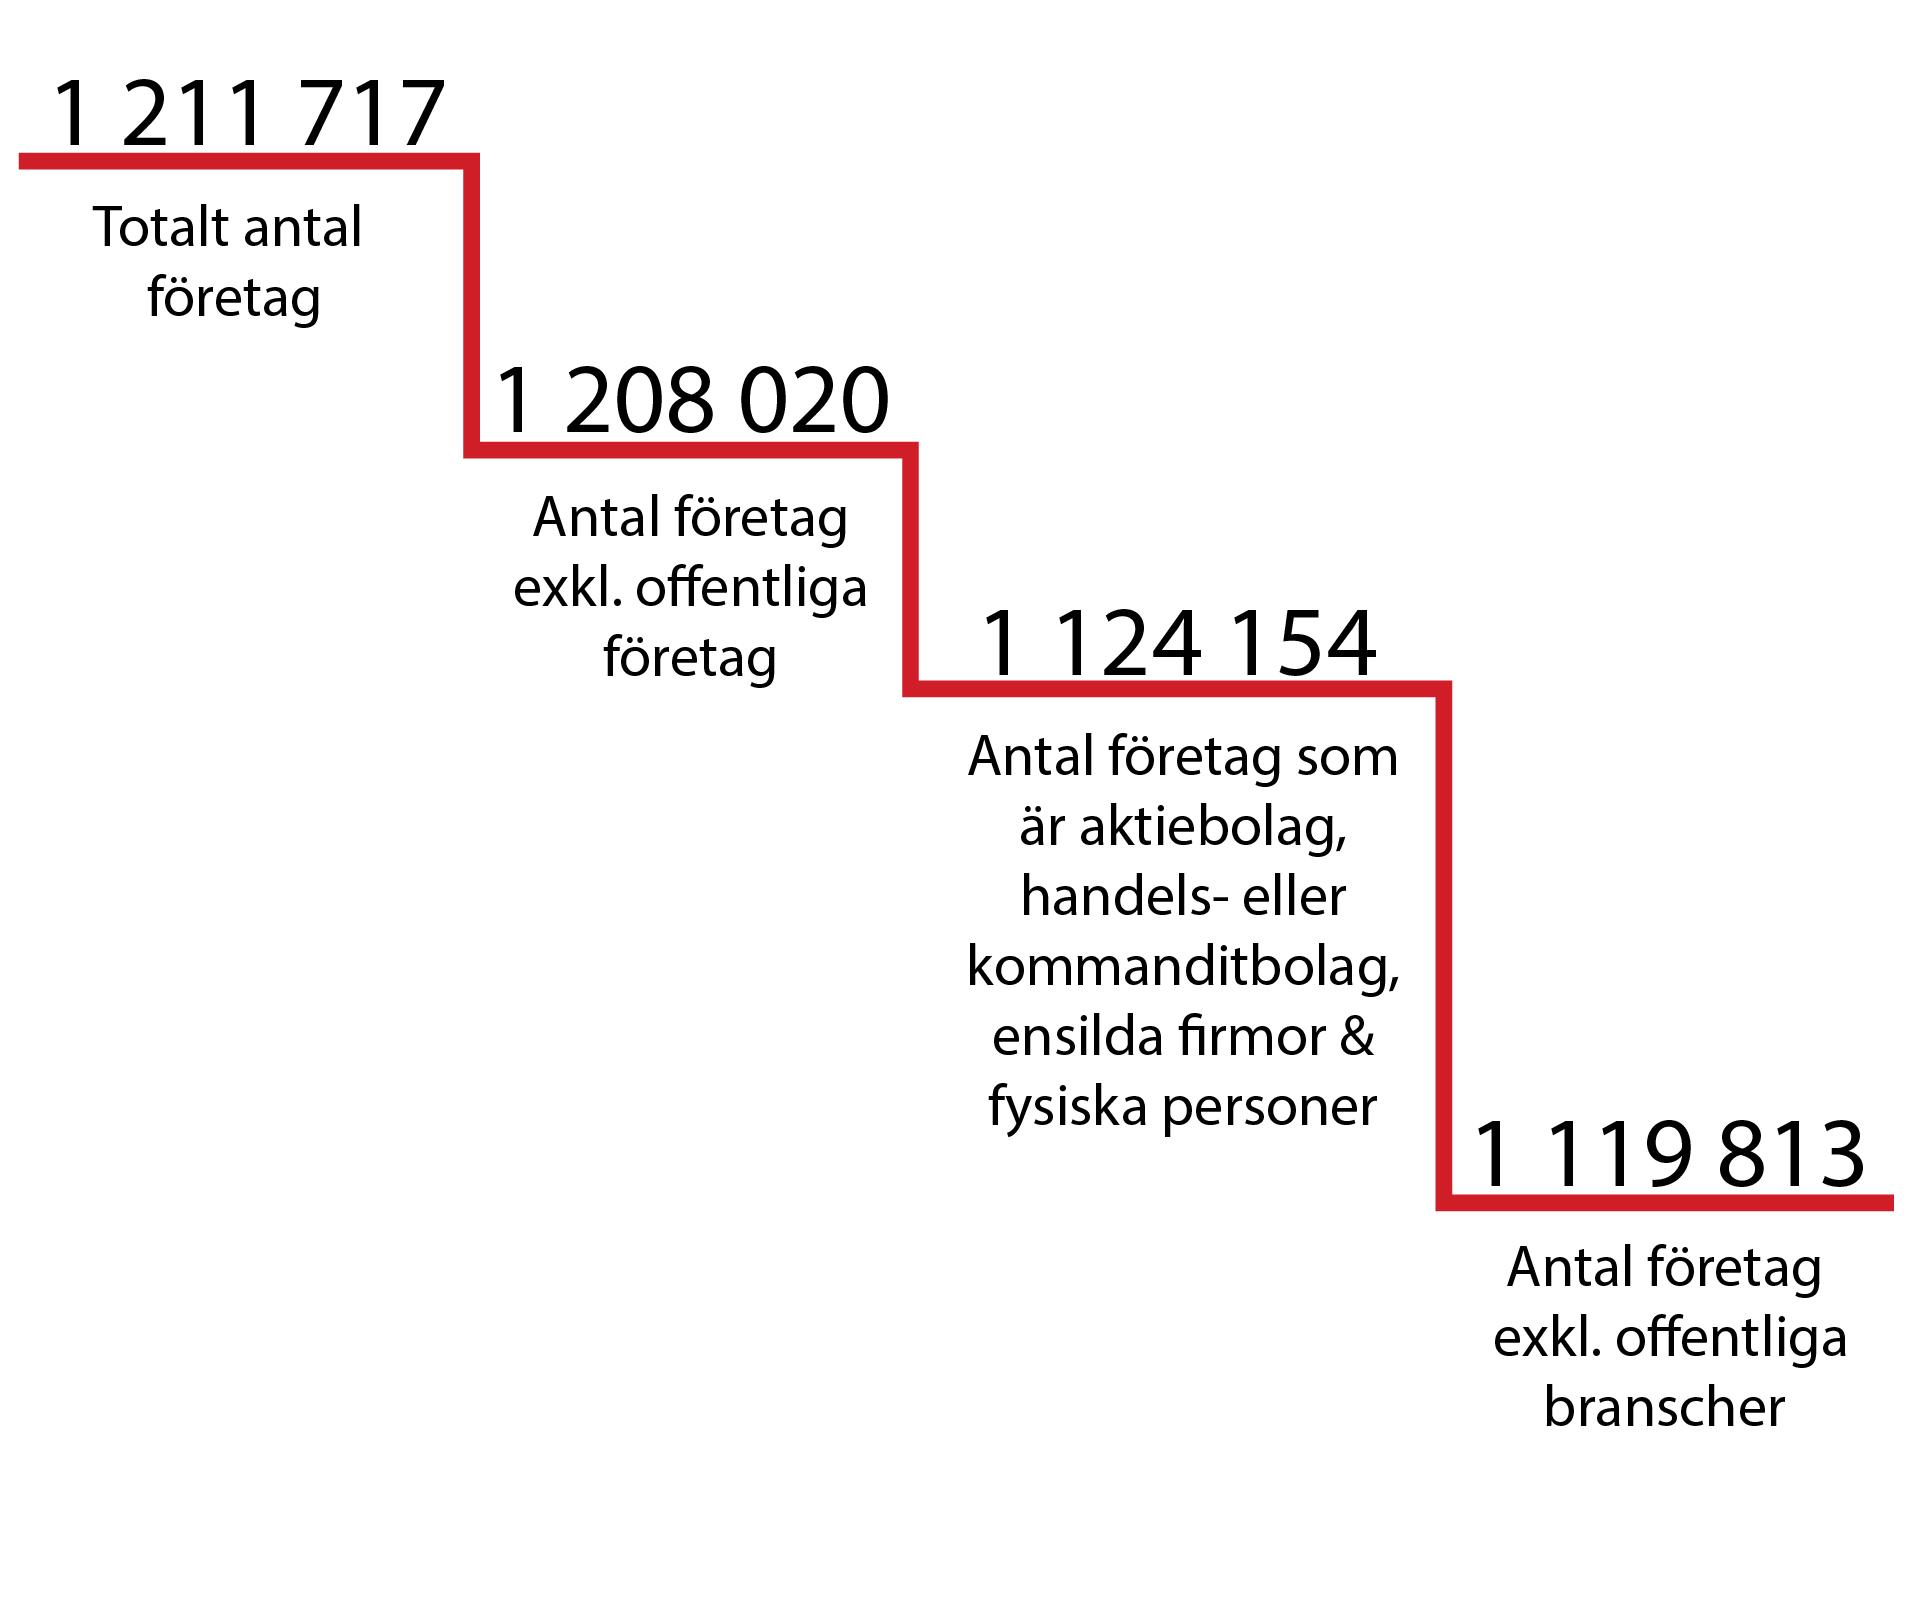 företag i sverige